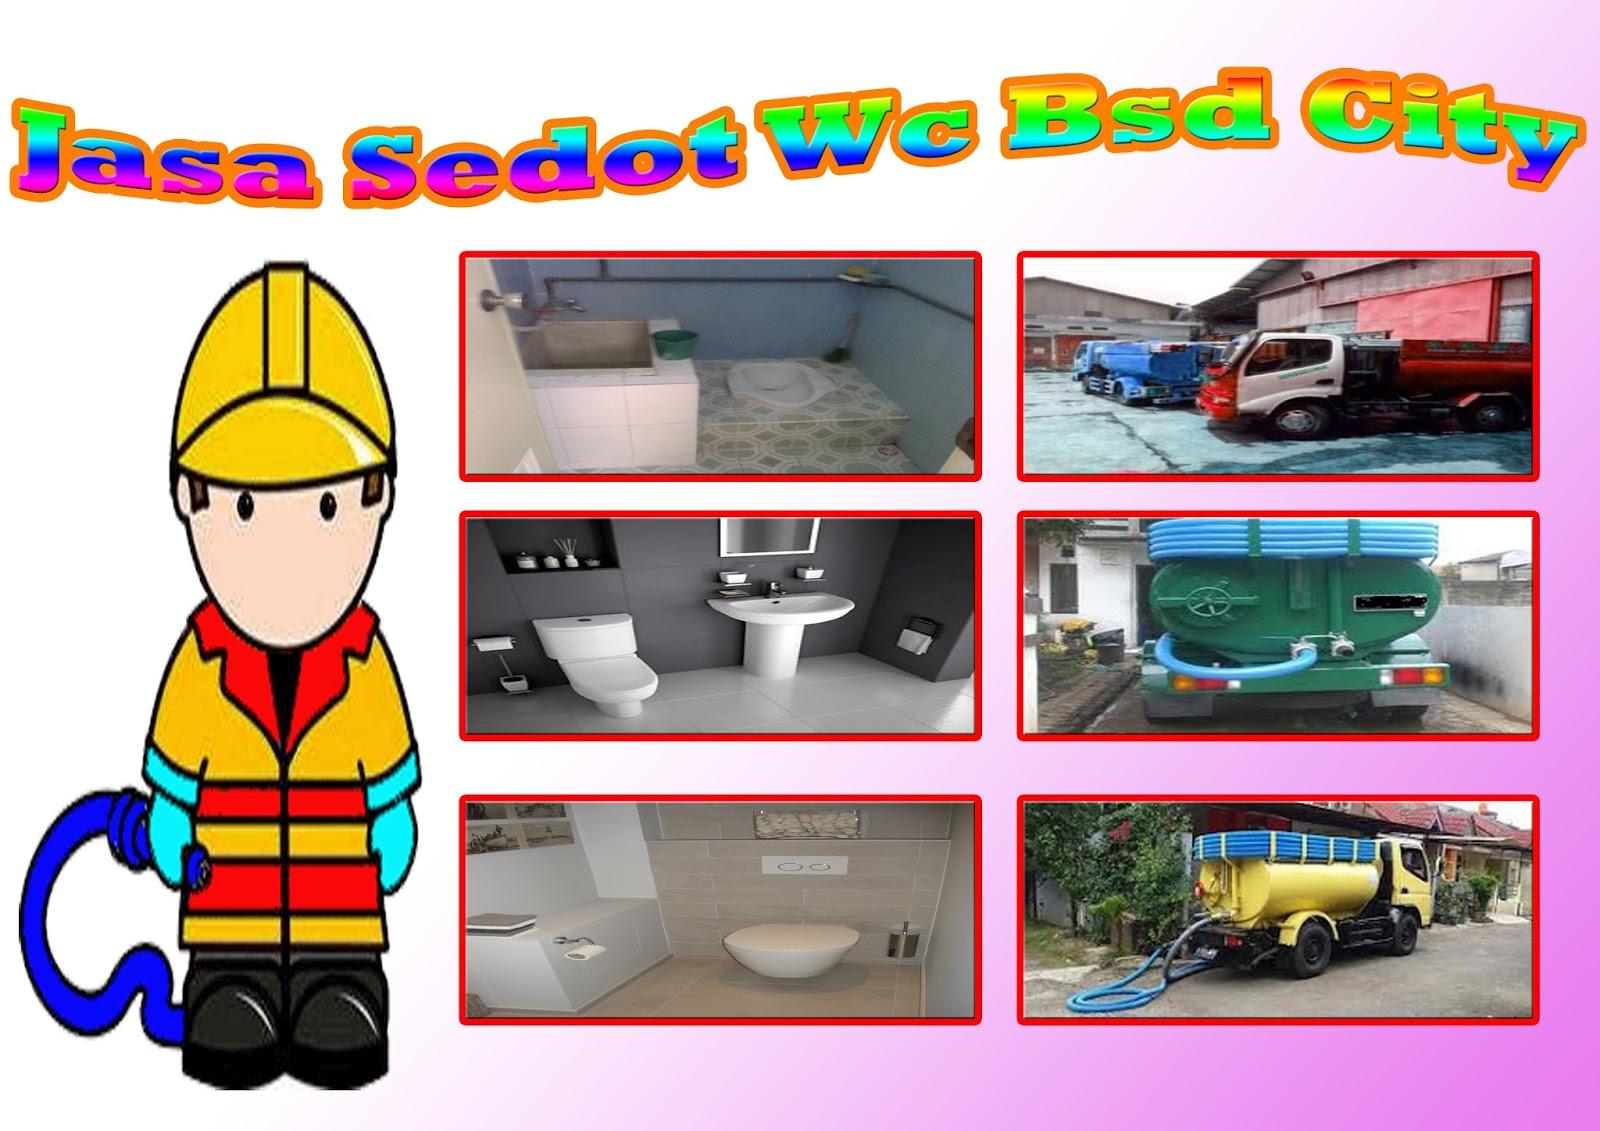 JASA SEDOT WC BSD CITY | LAYANAN JAKARTA SELATAN | SEDOT SEPTICTANK PENUH 081384372410